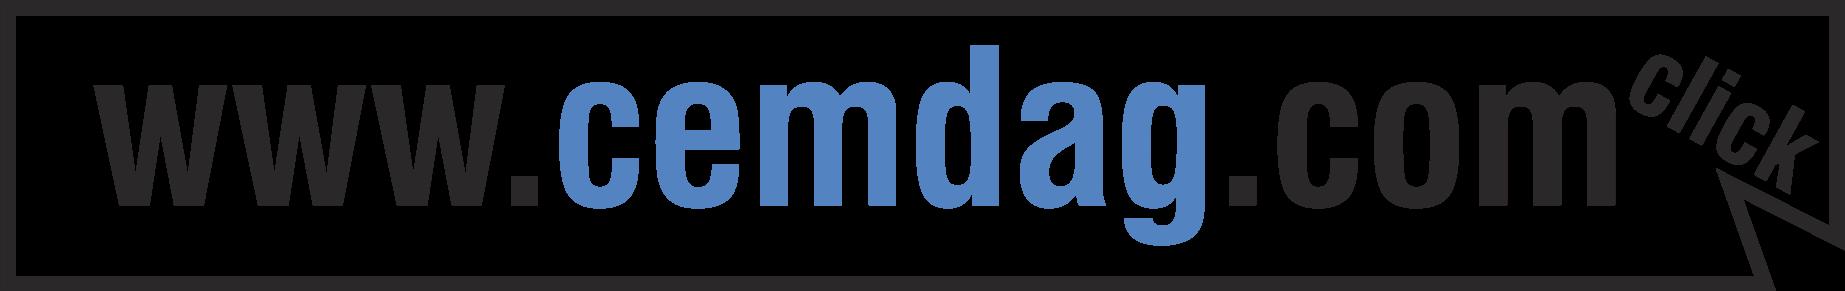 iletisim logo 2